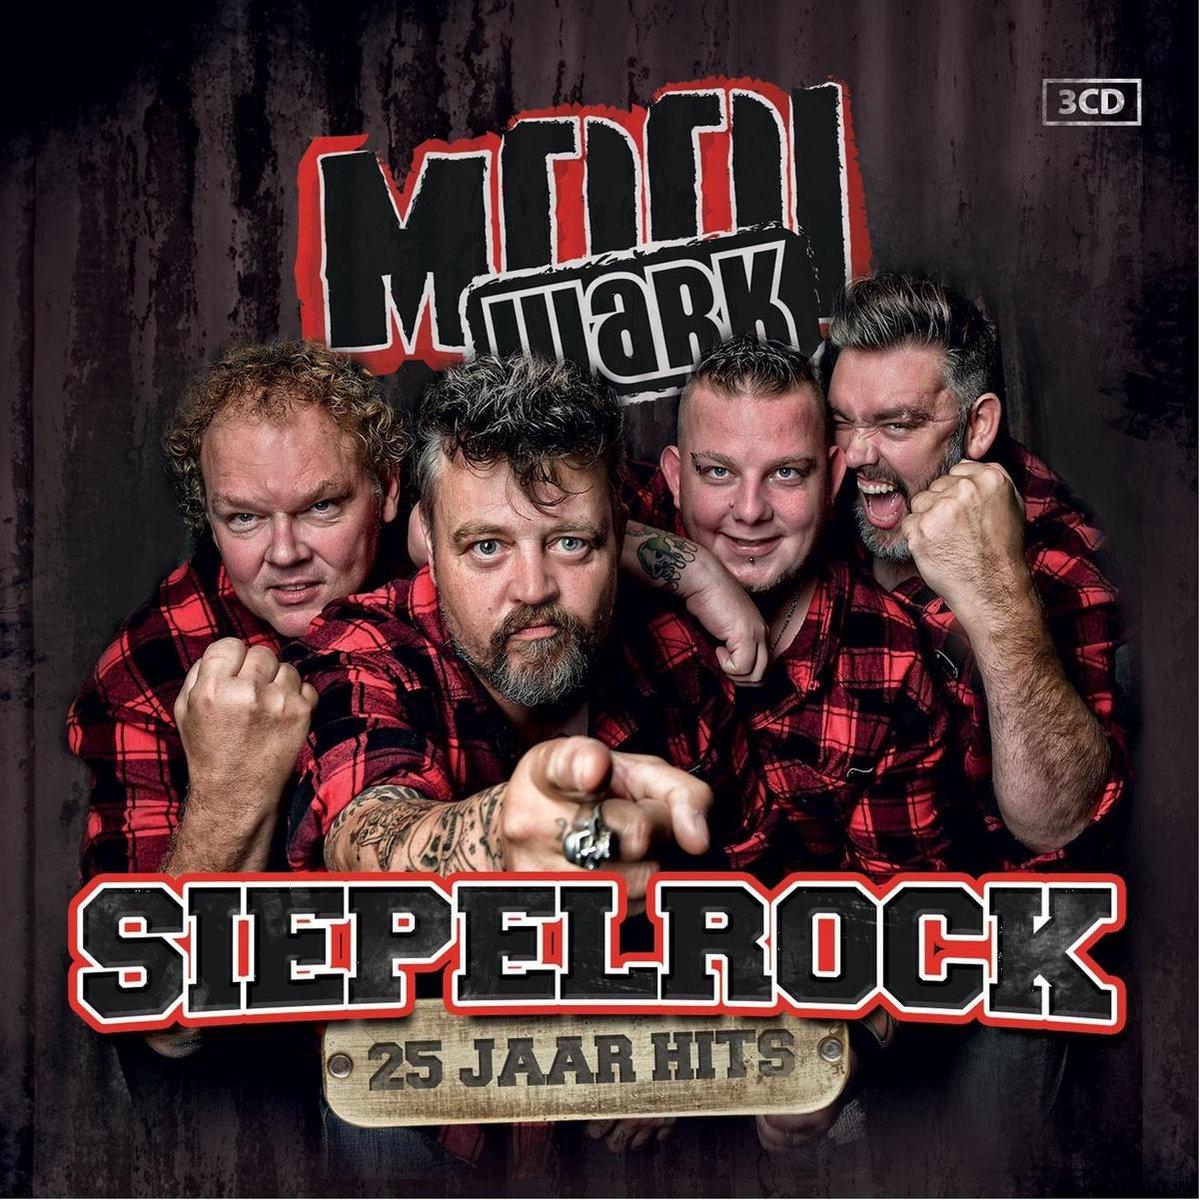 Siepelrock - 25 Jaar Hits - 3Cd - Mooi Wark